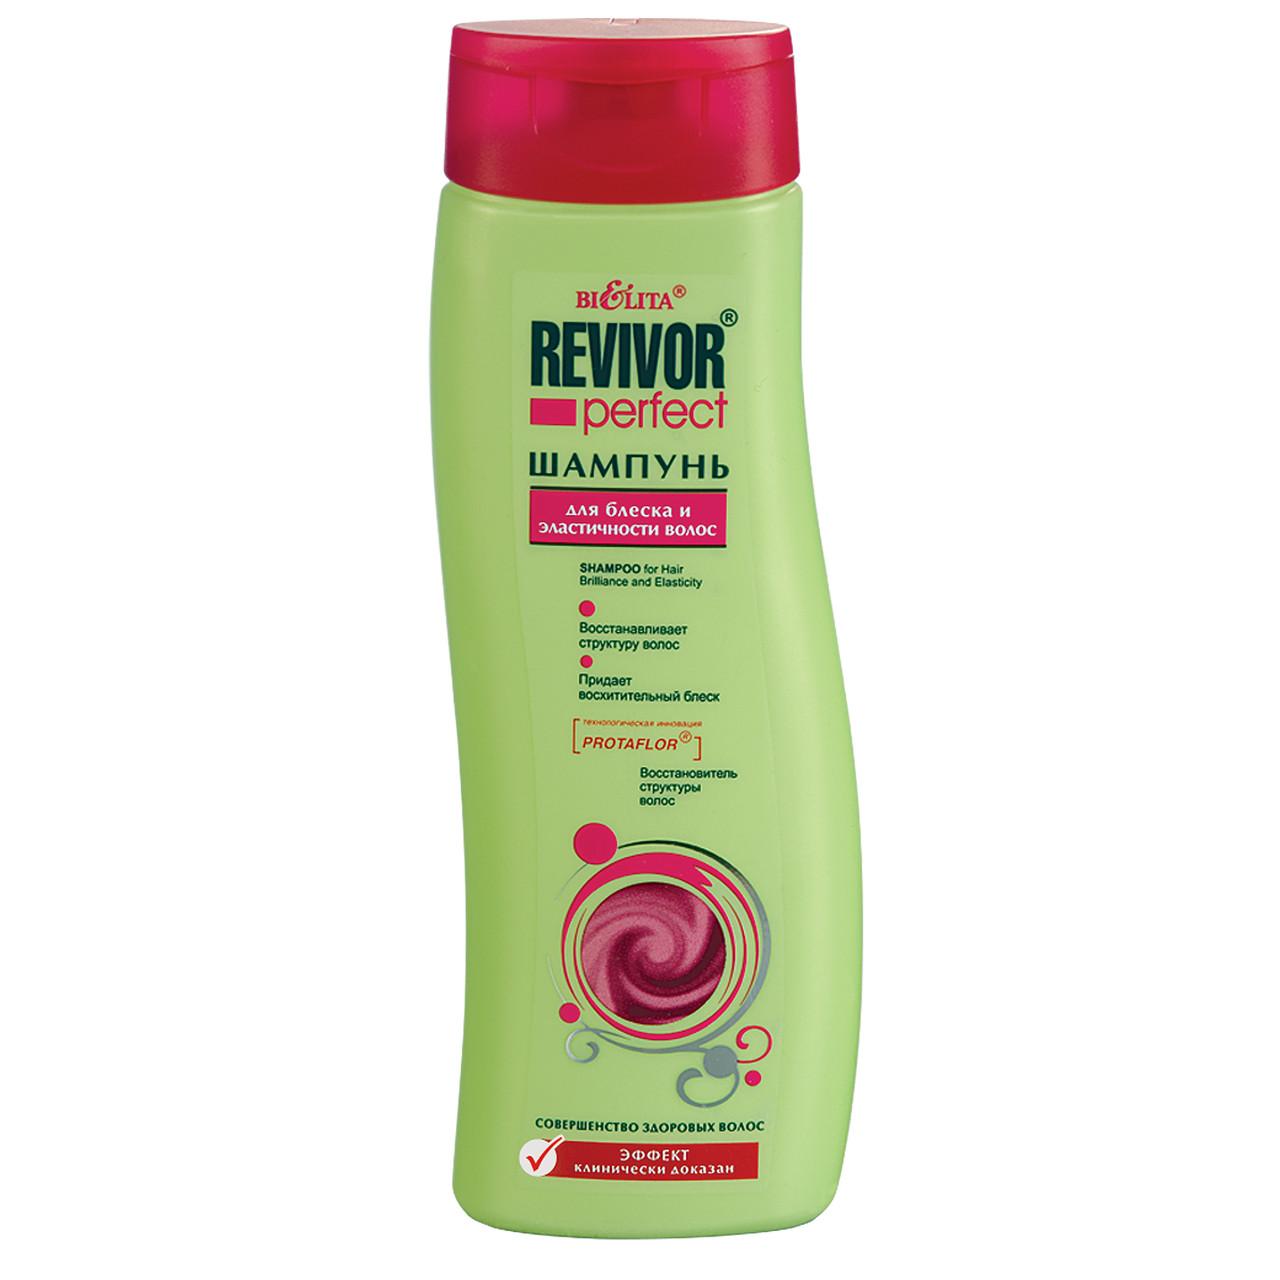 Шампунь для блеска и эластичности волос Revivor Perfect Bielita 400 мл